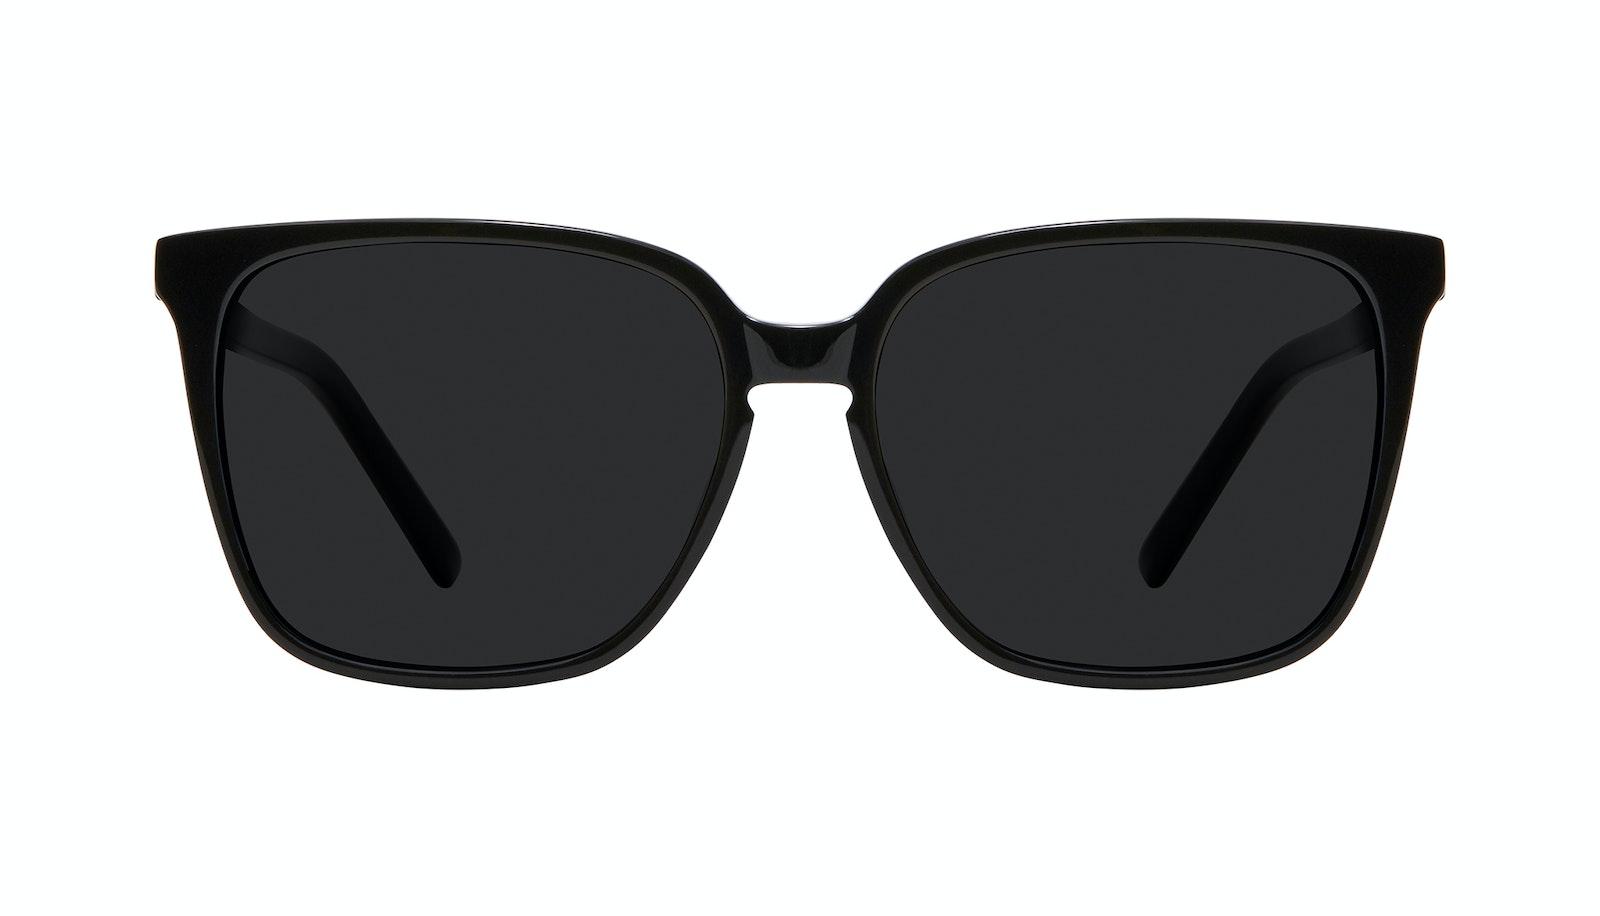 Lunettes tendance Carrée Lunettes de soleil Femmes Runway L Black